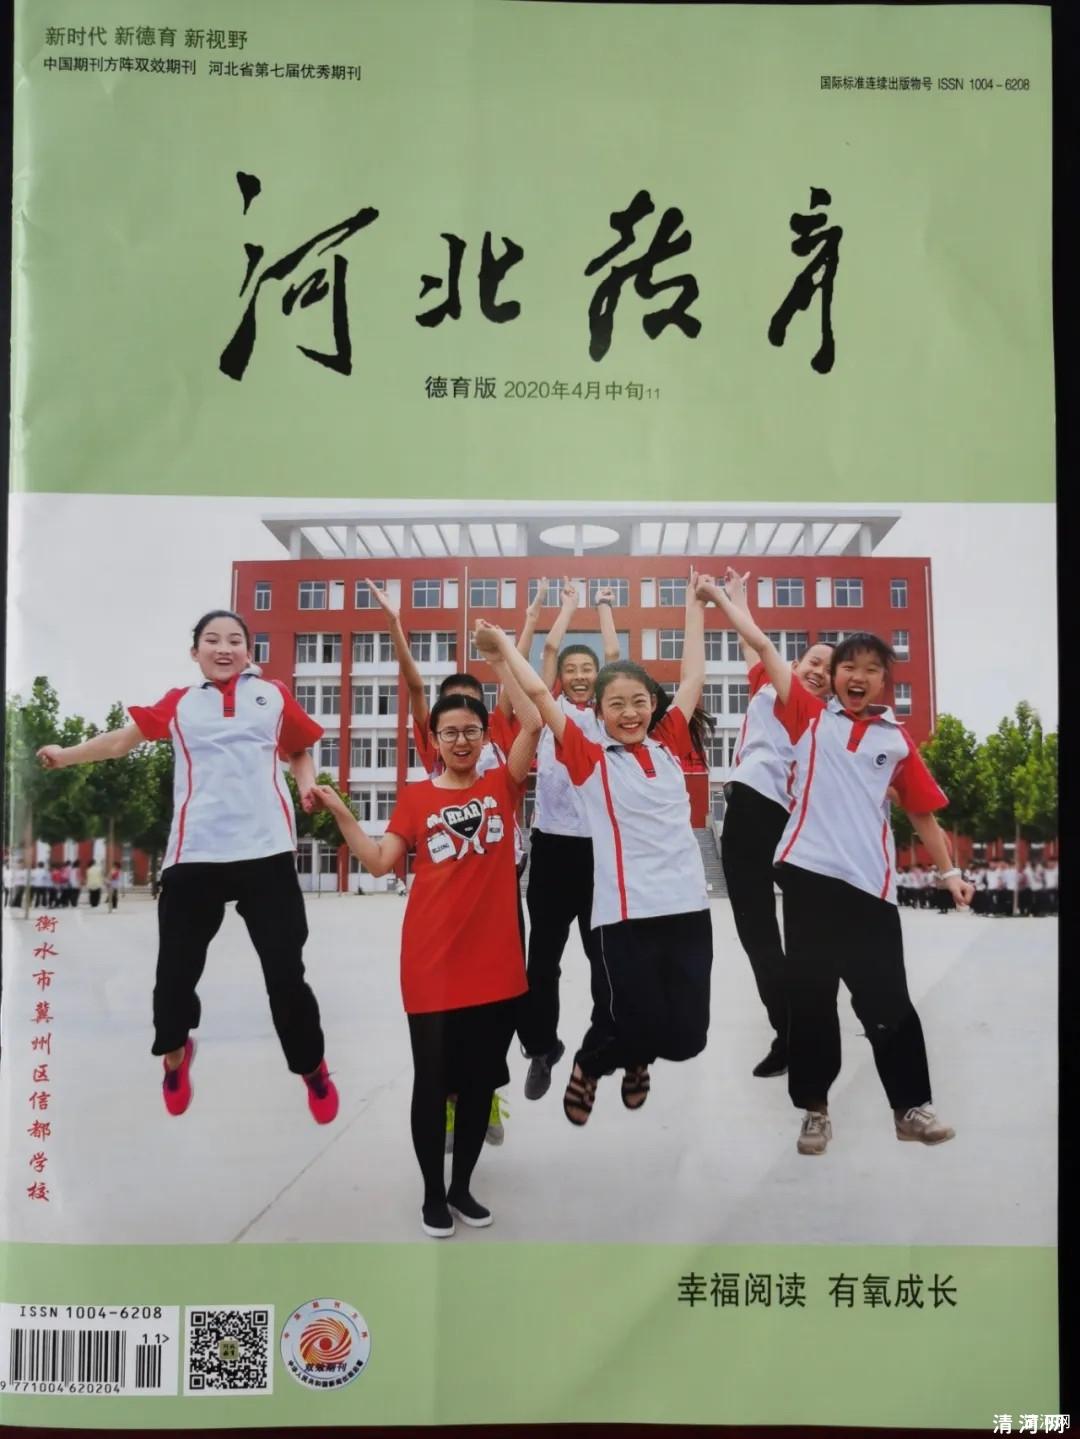 《河北教育》杂志报道我县王官庄校区农村教师专业成长经验